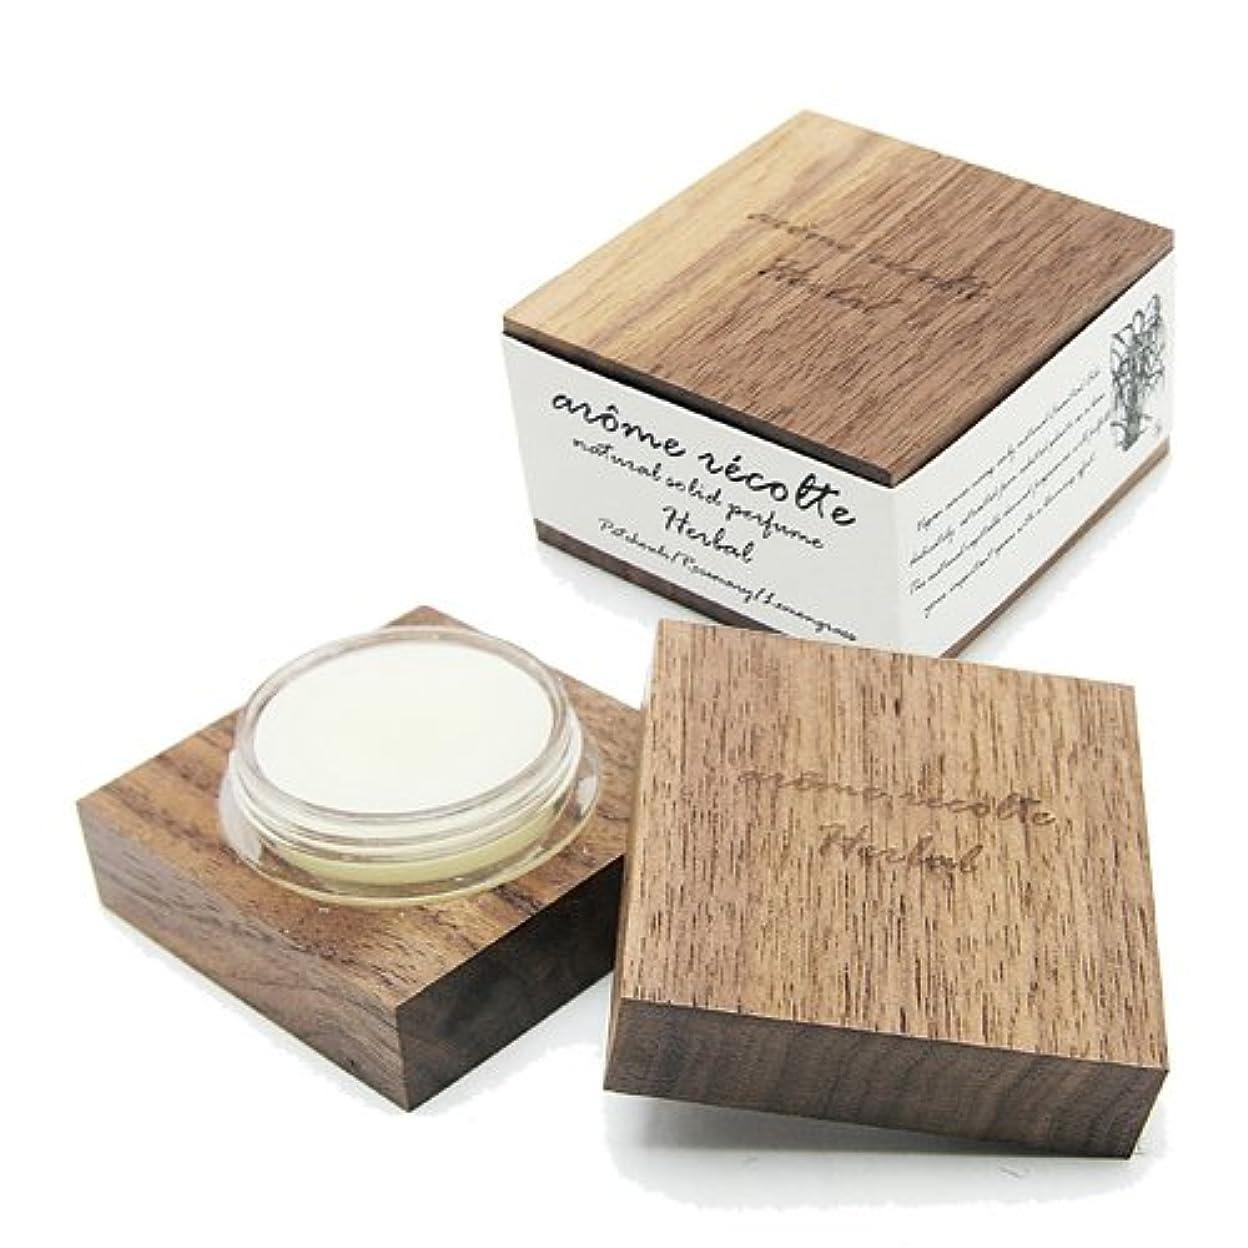 再び独立してうめきアロマレコルト ナチュラル ソリッドパフューム ハーバル Herbal arome recolte 練り香水